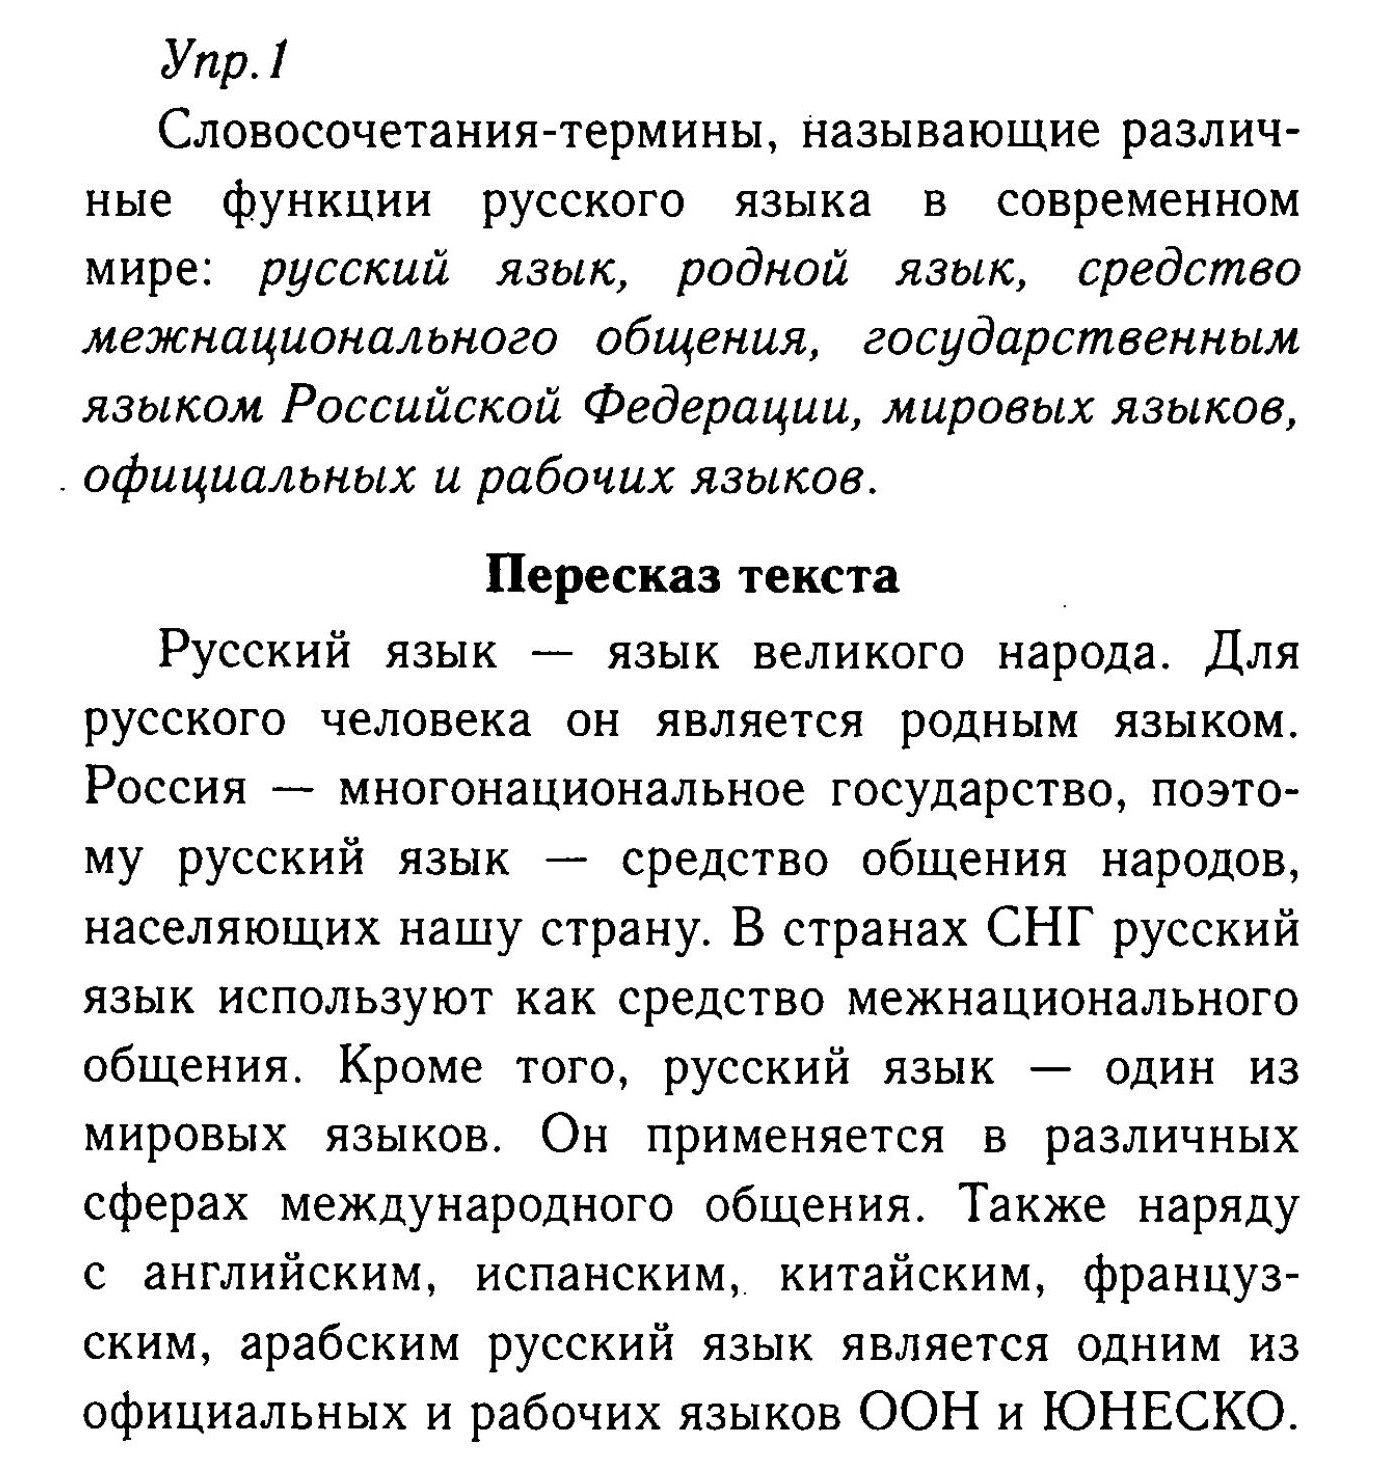 Гдз по геометрии бесплатно 10-11 класс просвещение анастасян л.с